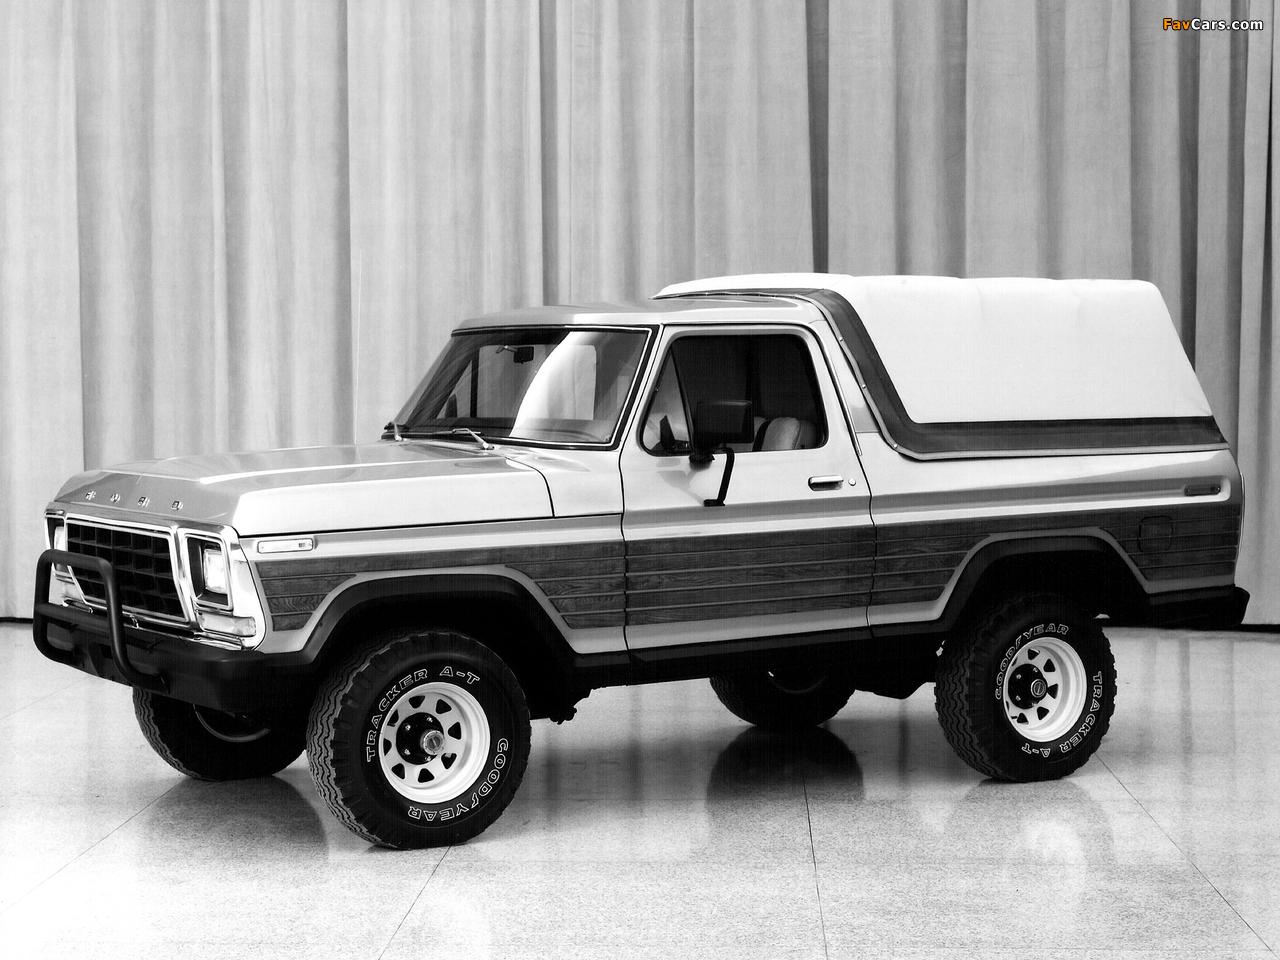 Ford Bronco Concept 1979 photos (1280 x 960)